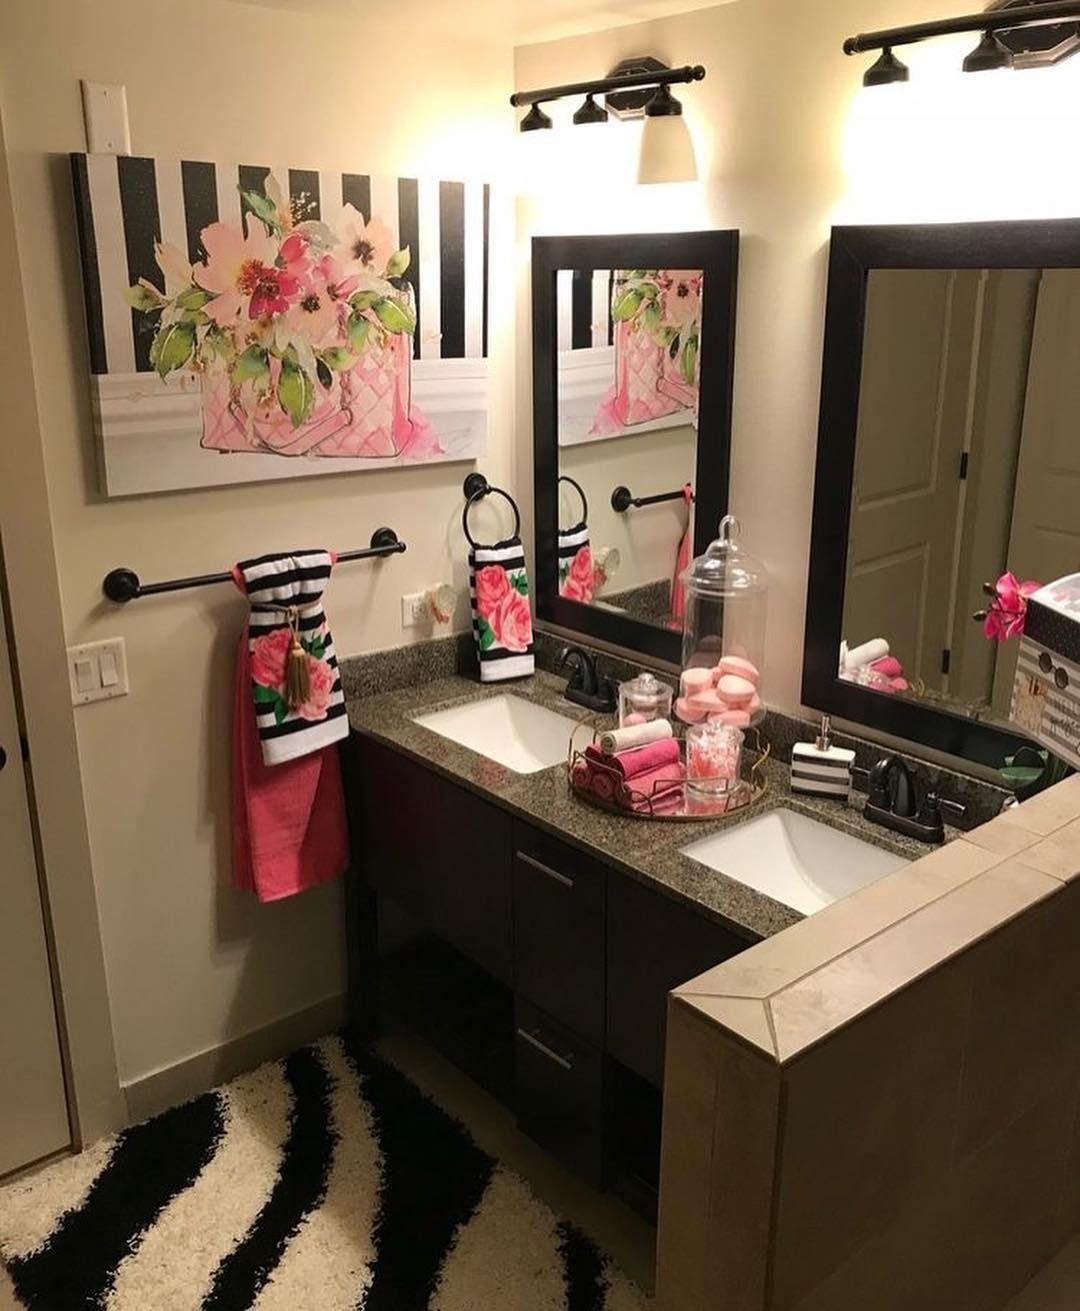 Pinterest ~Girly Girl Add me for More!!!😏 | Bathroom decor ...